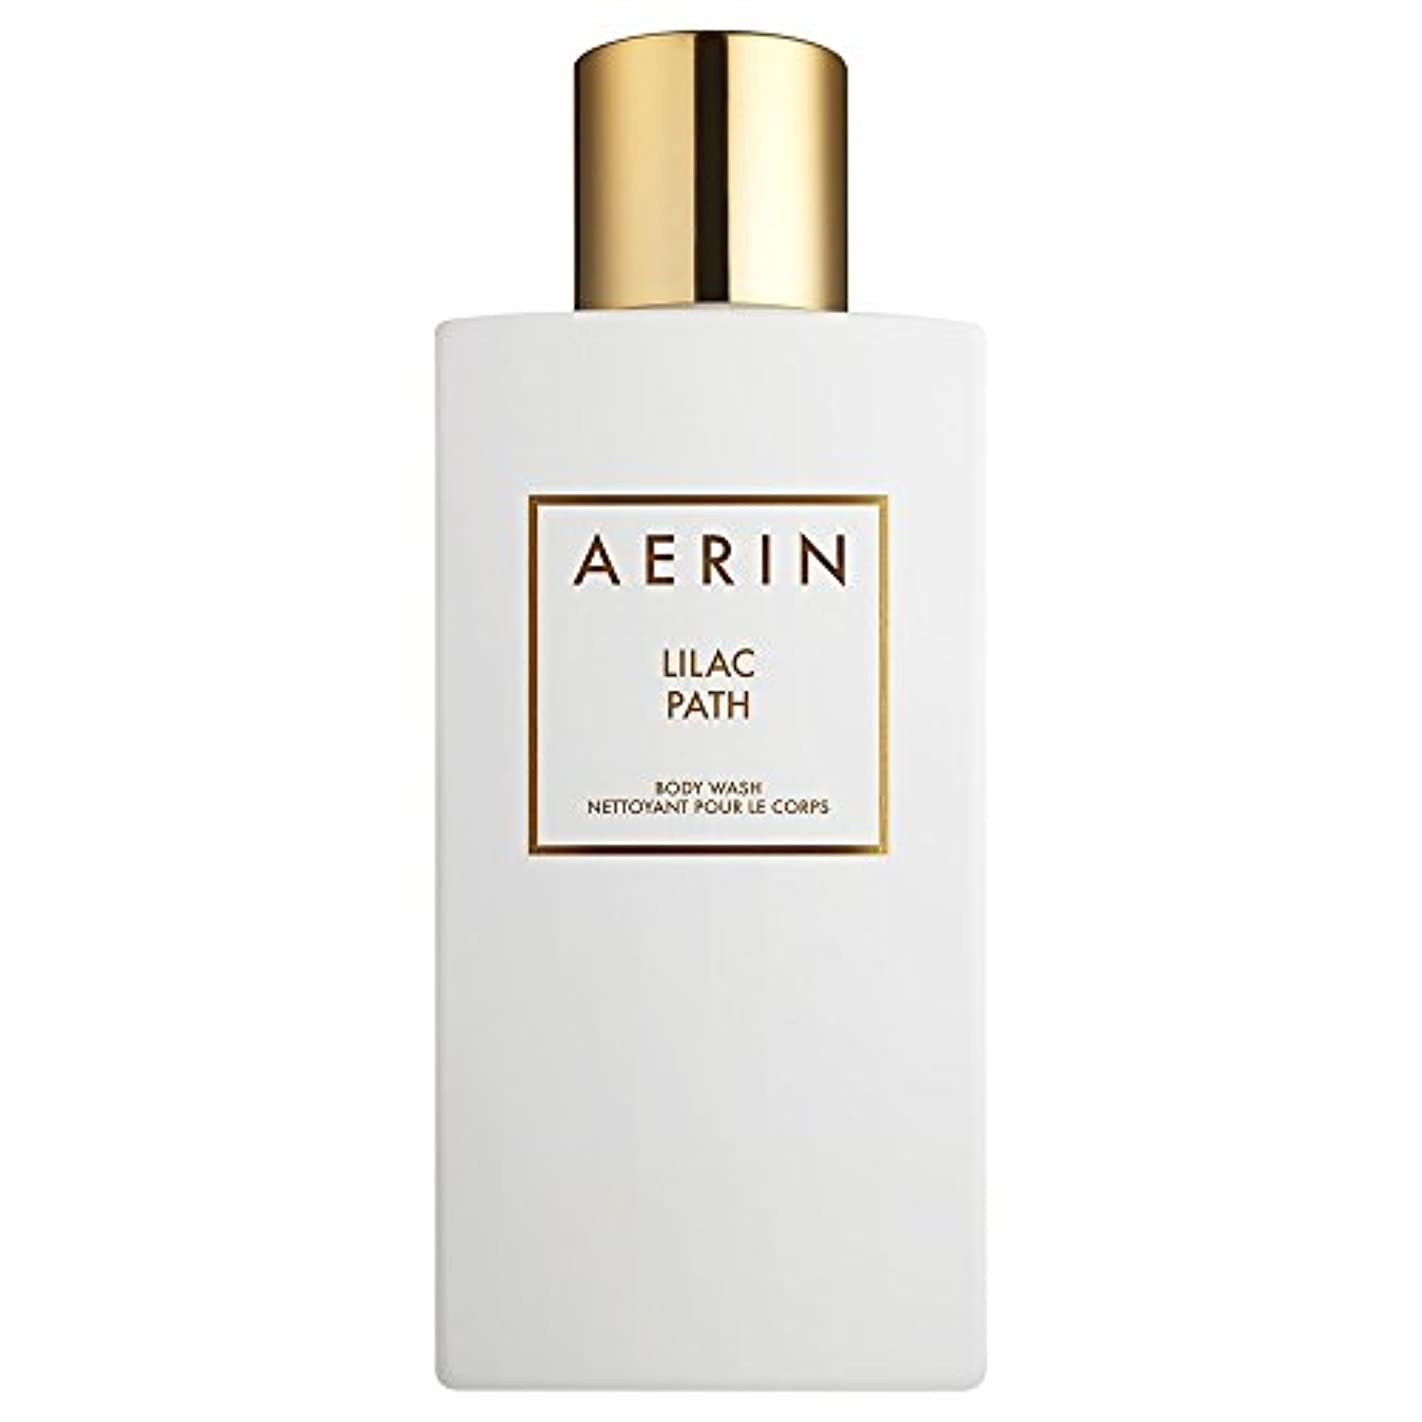 化学者本物の信仰Aerinライラックパスボディウォッシュ225ミリリットル (AERIN) (x2) - AERIN Lilac Path Bodywash 225ml (Pack of 2) [並行輸入品]